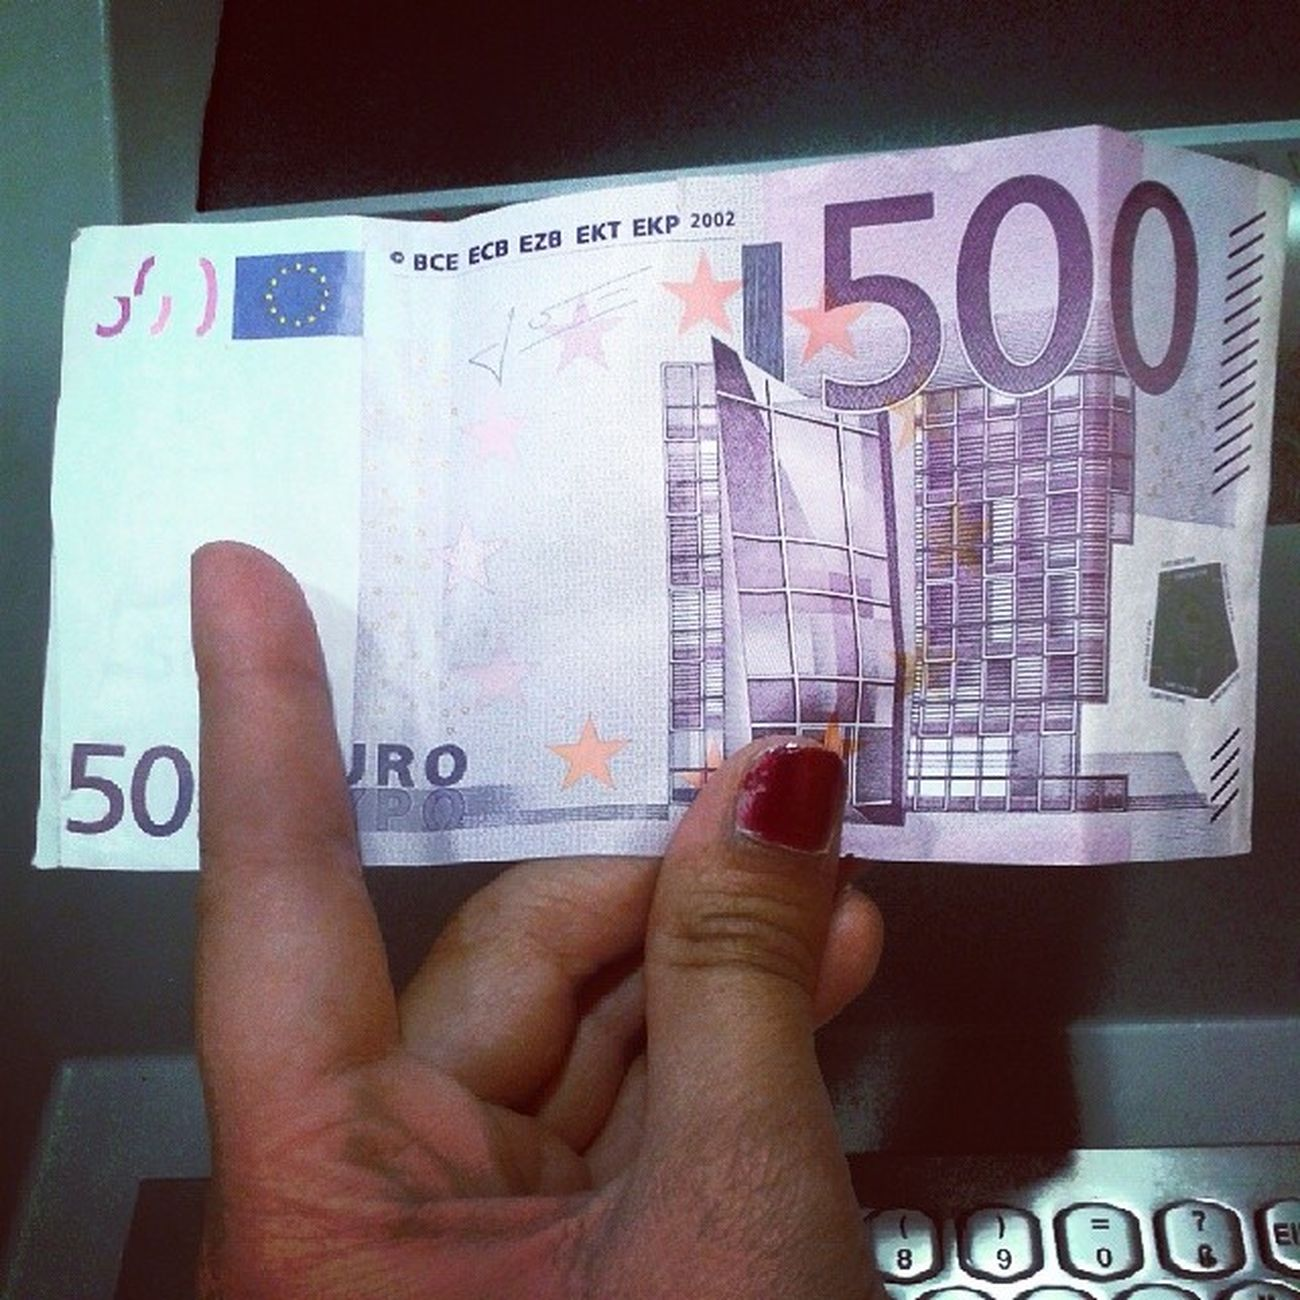 Yayyyy mein 100.Instagrammfoto :D Ausgerechnet ein Fünfhunderter Schein $$$ 100 Instagramfoto Jubil äum 500 €